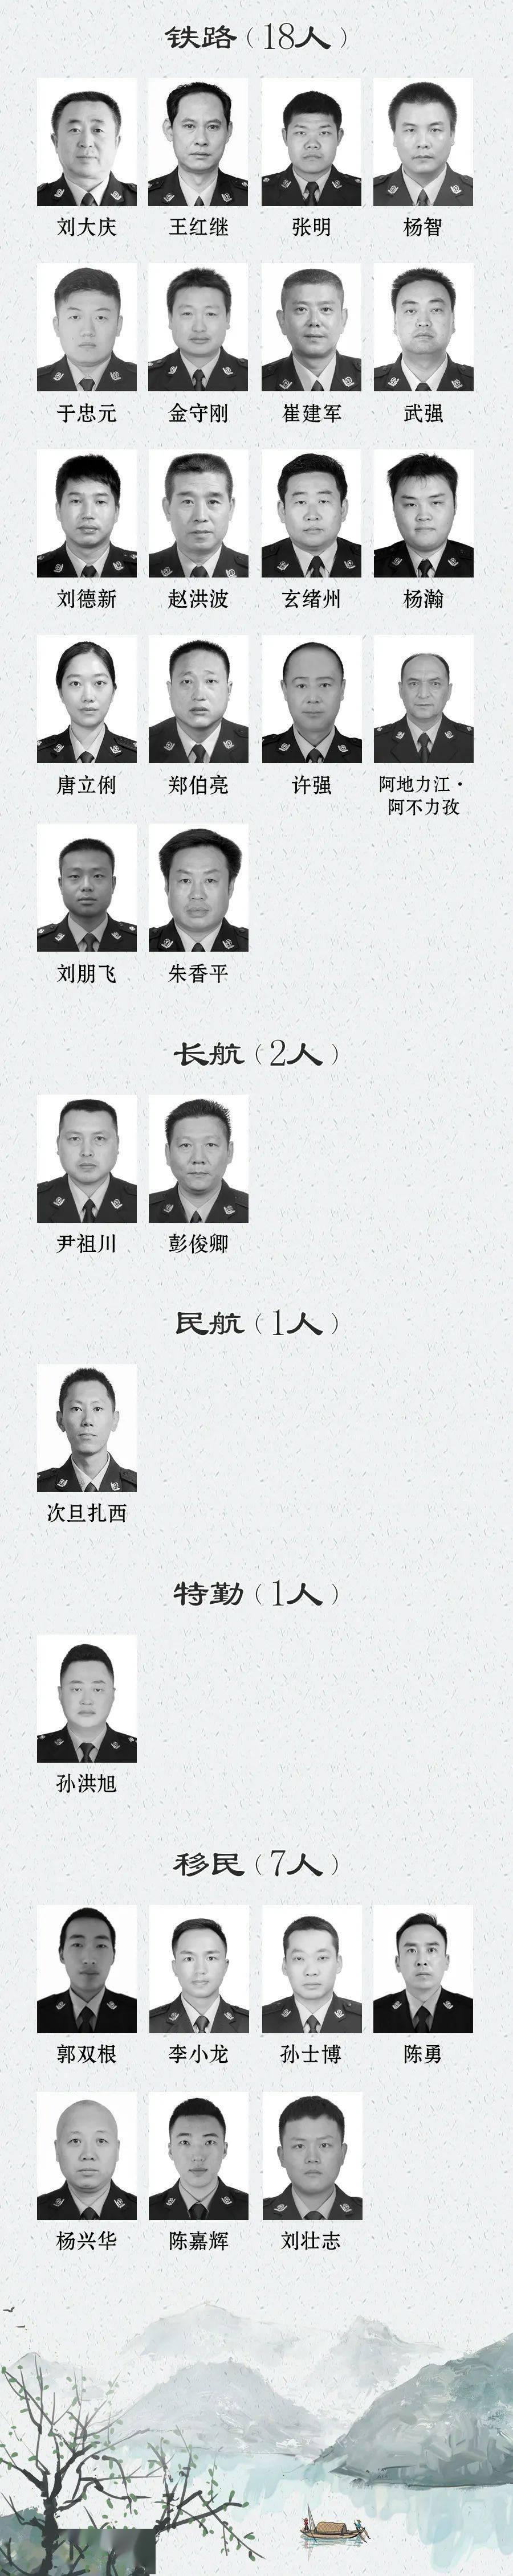 天顺娱乐app-首页【1.1.9】  第11张